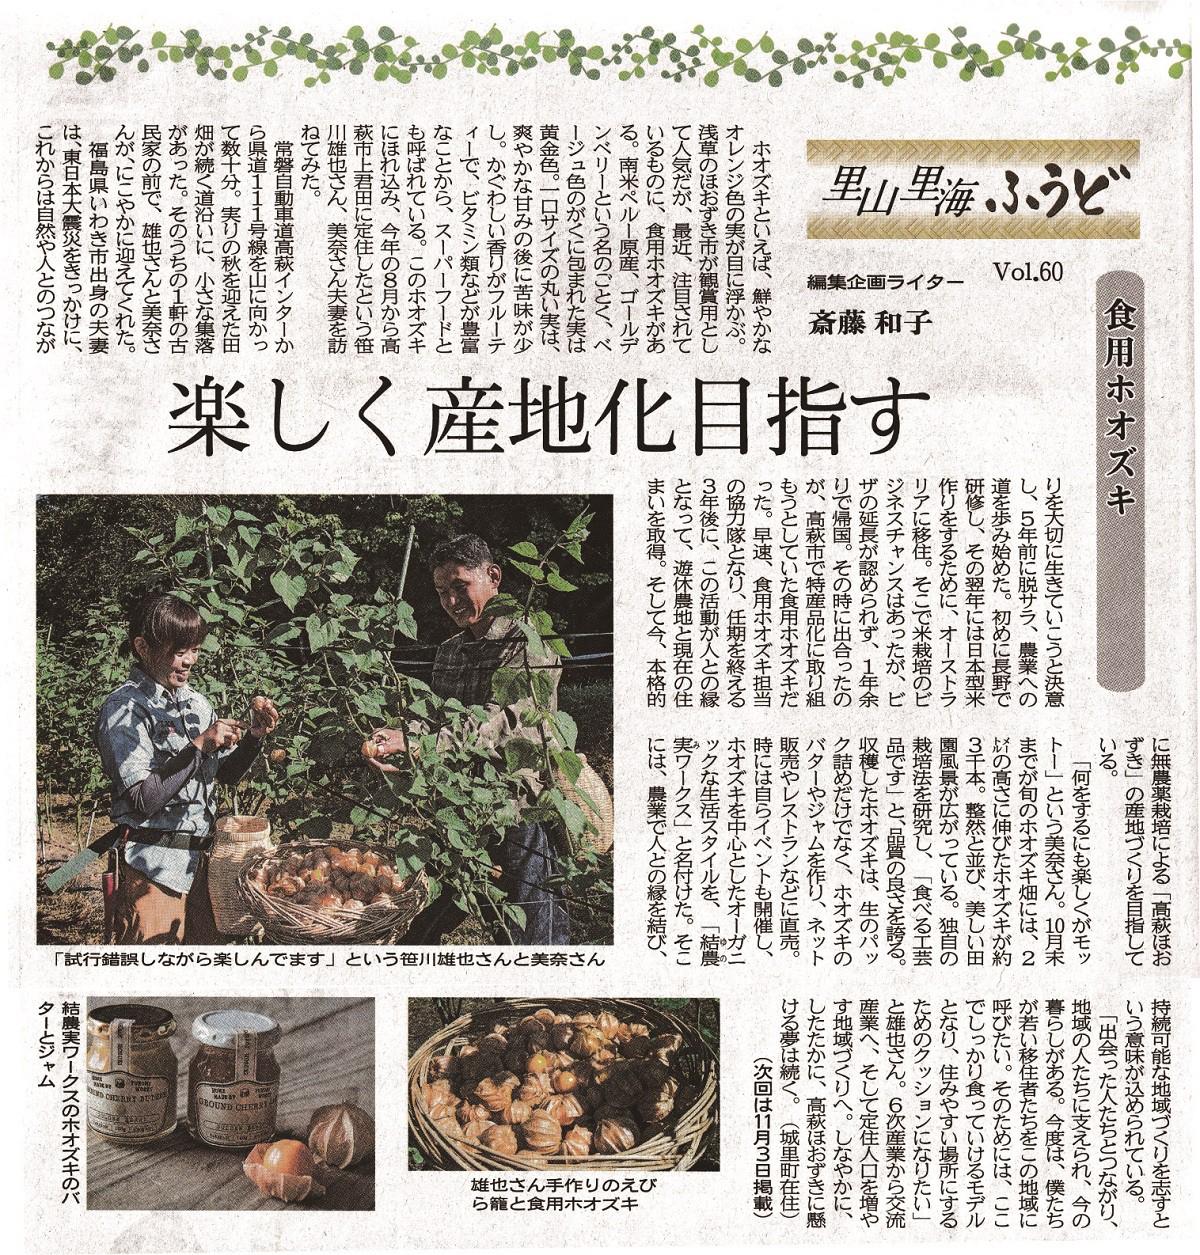 【茨城新聞掲載10/20】「高萩ほおずき」が茨城新聞に掲載されました。